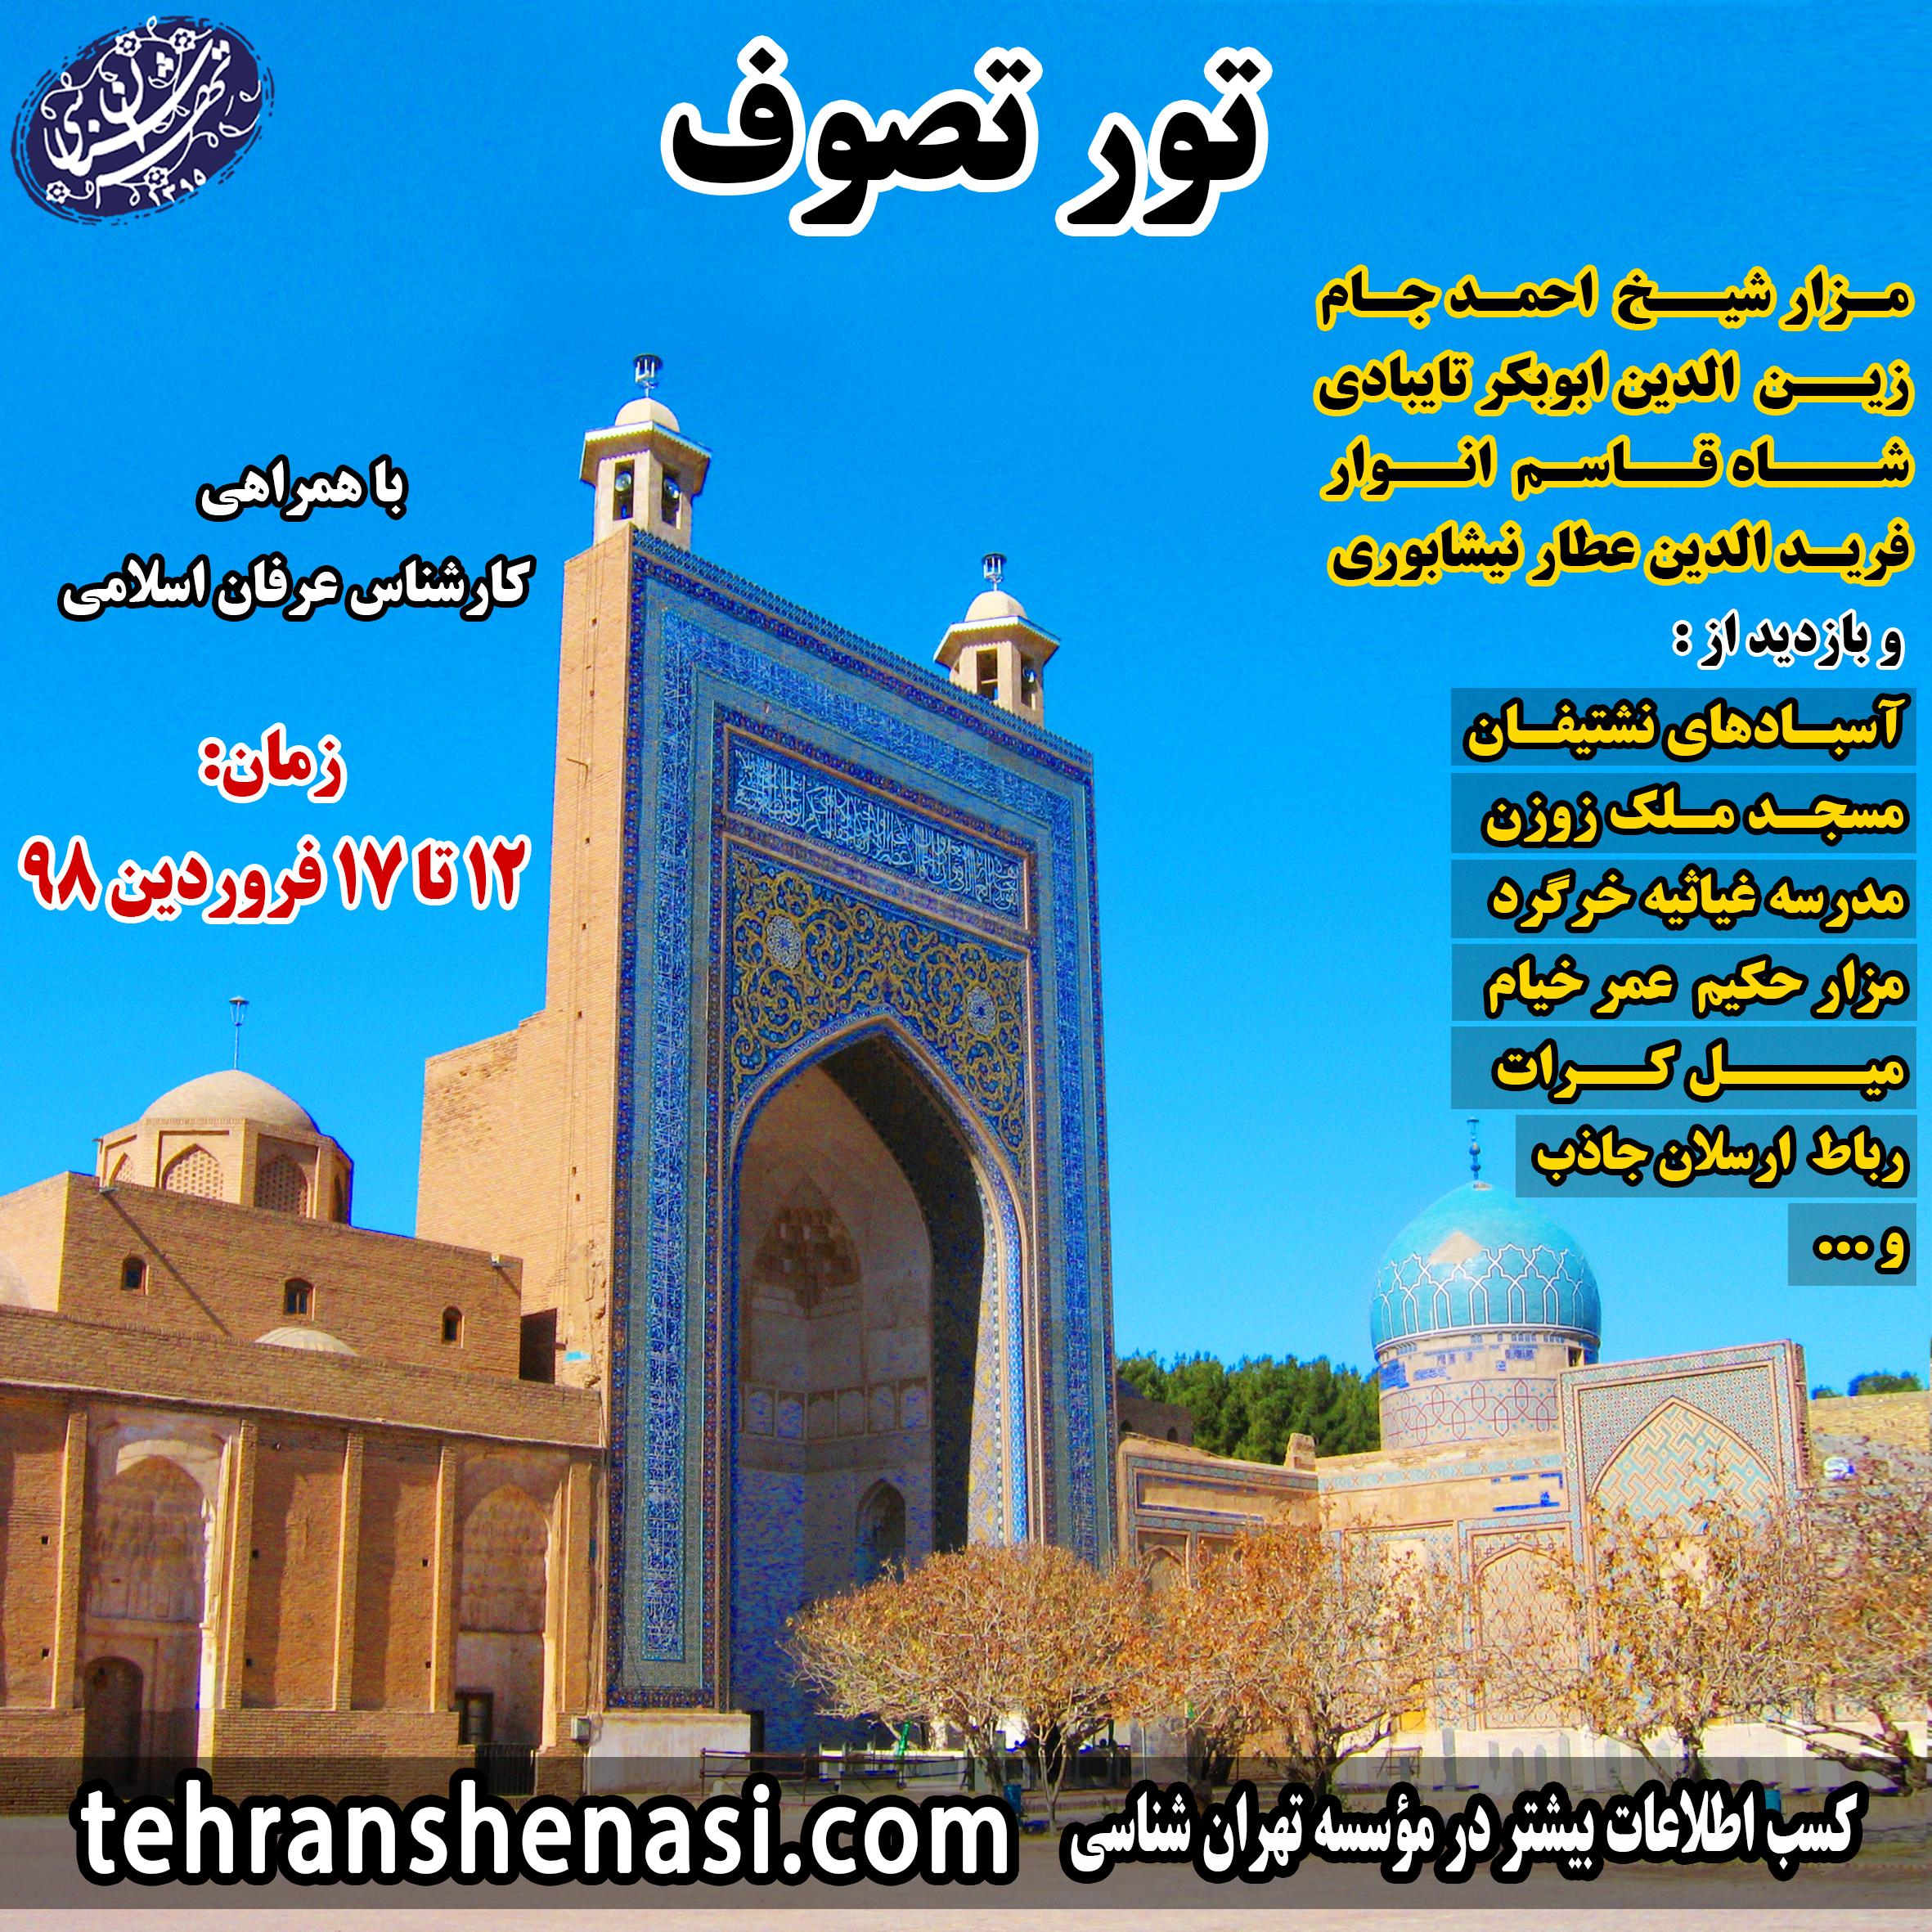 تور تصوف-موسسه تهران شناسی